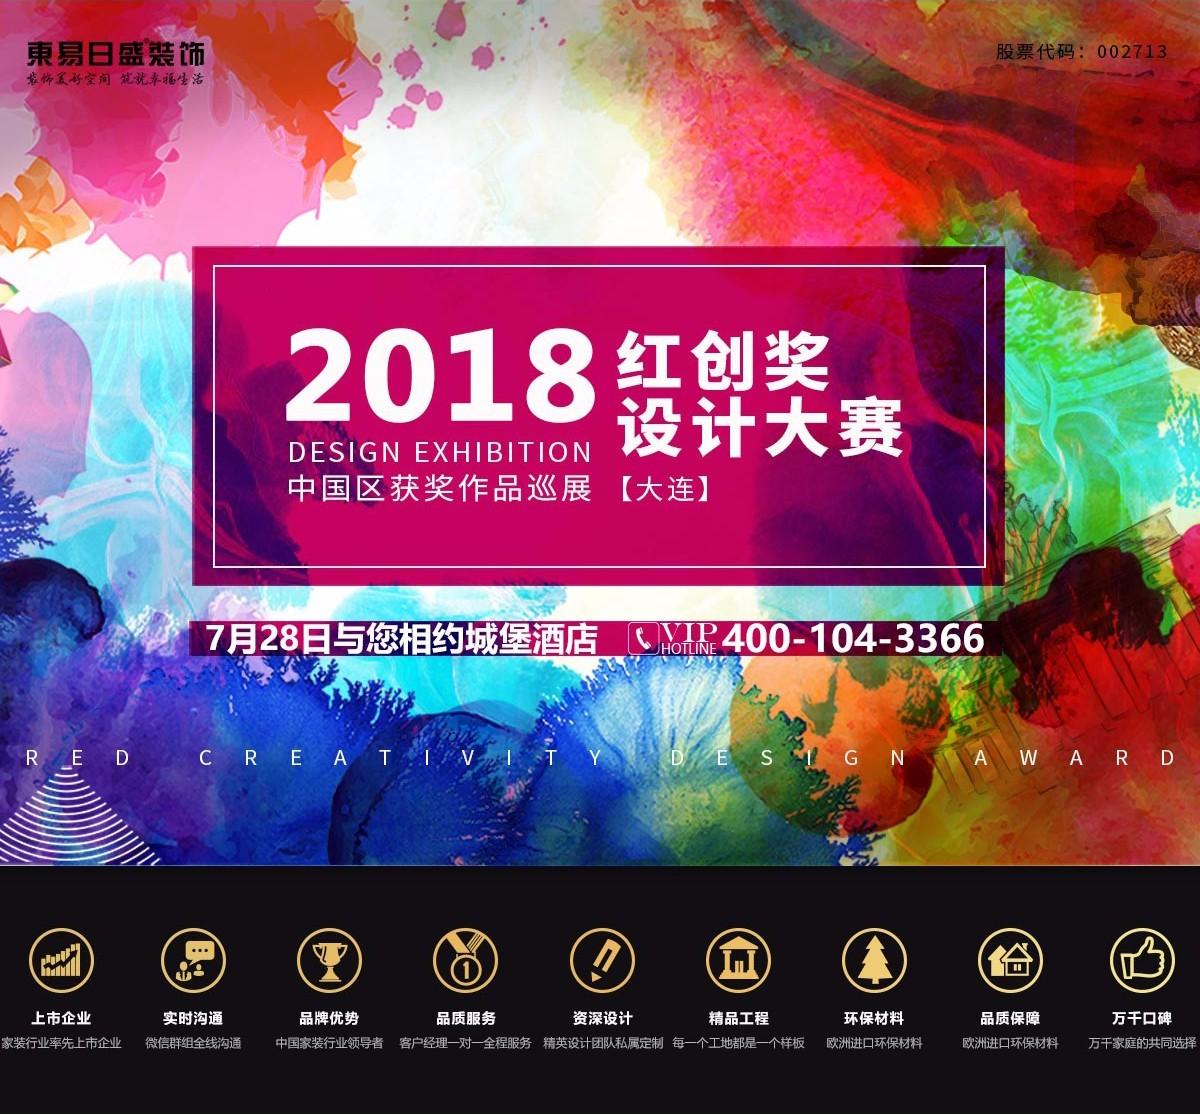 2018红创奖设计大赛巡礼